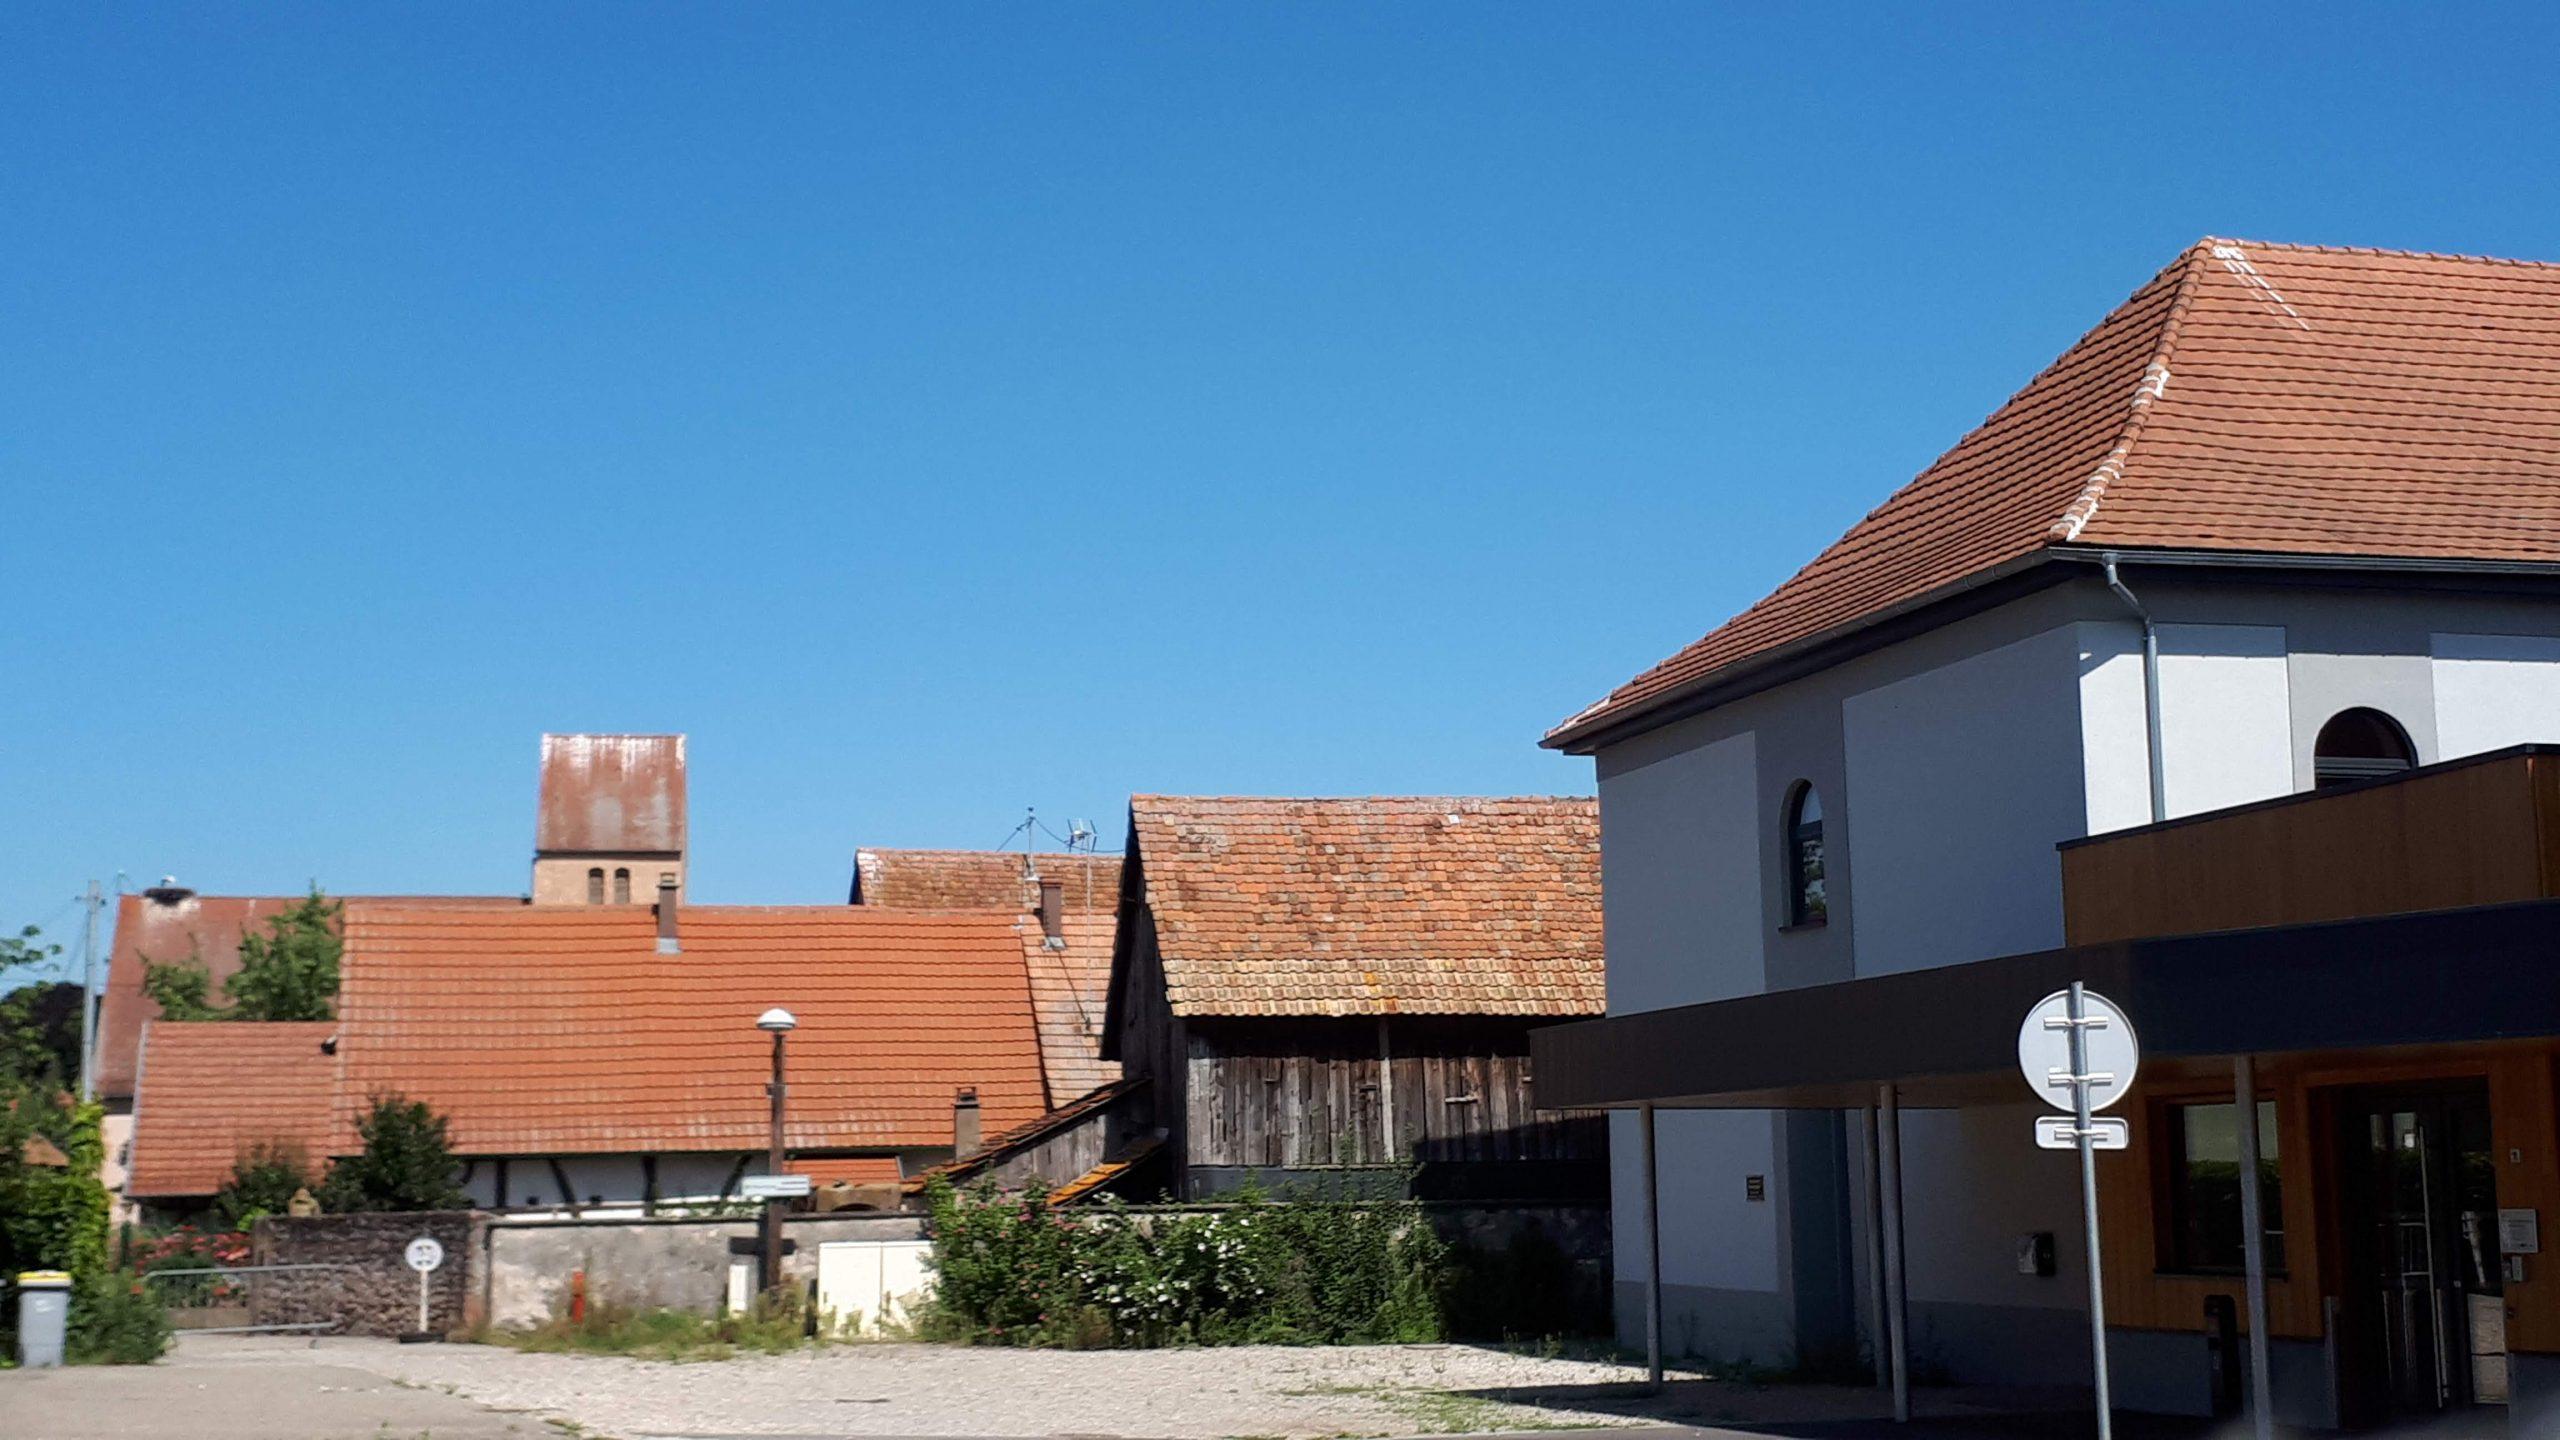 Parvis de la salle des fêtes (à droite), vestige de l'ancienne synagogue.